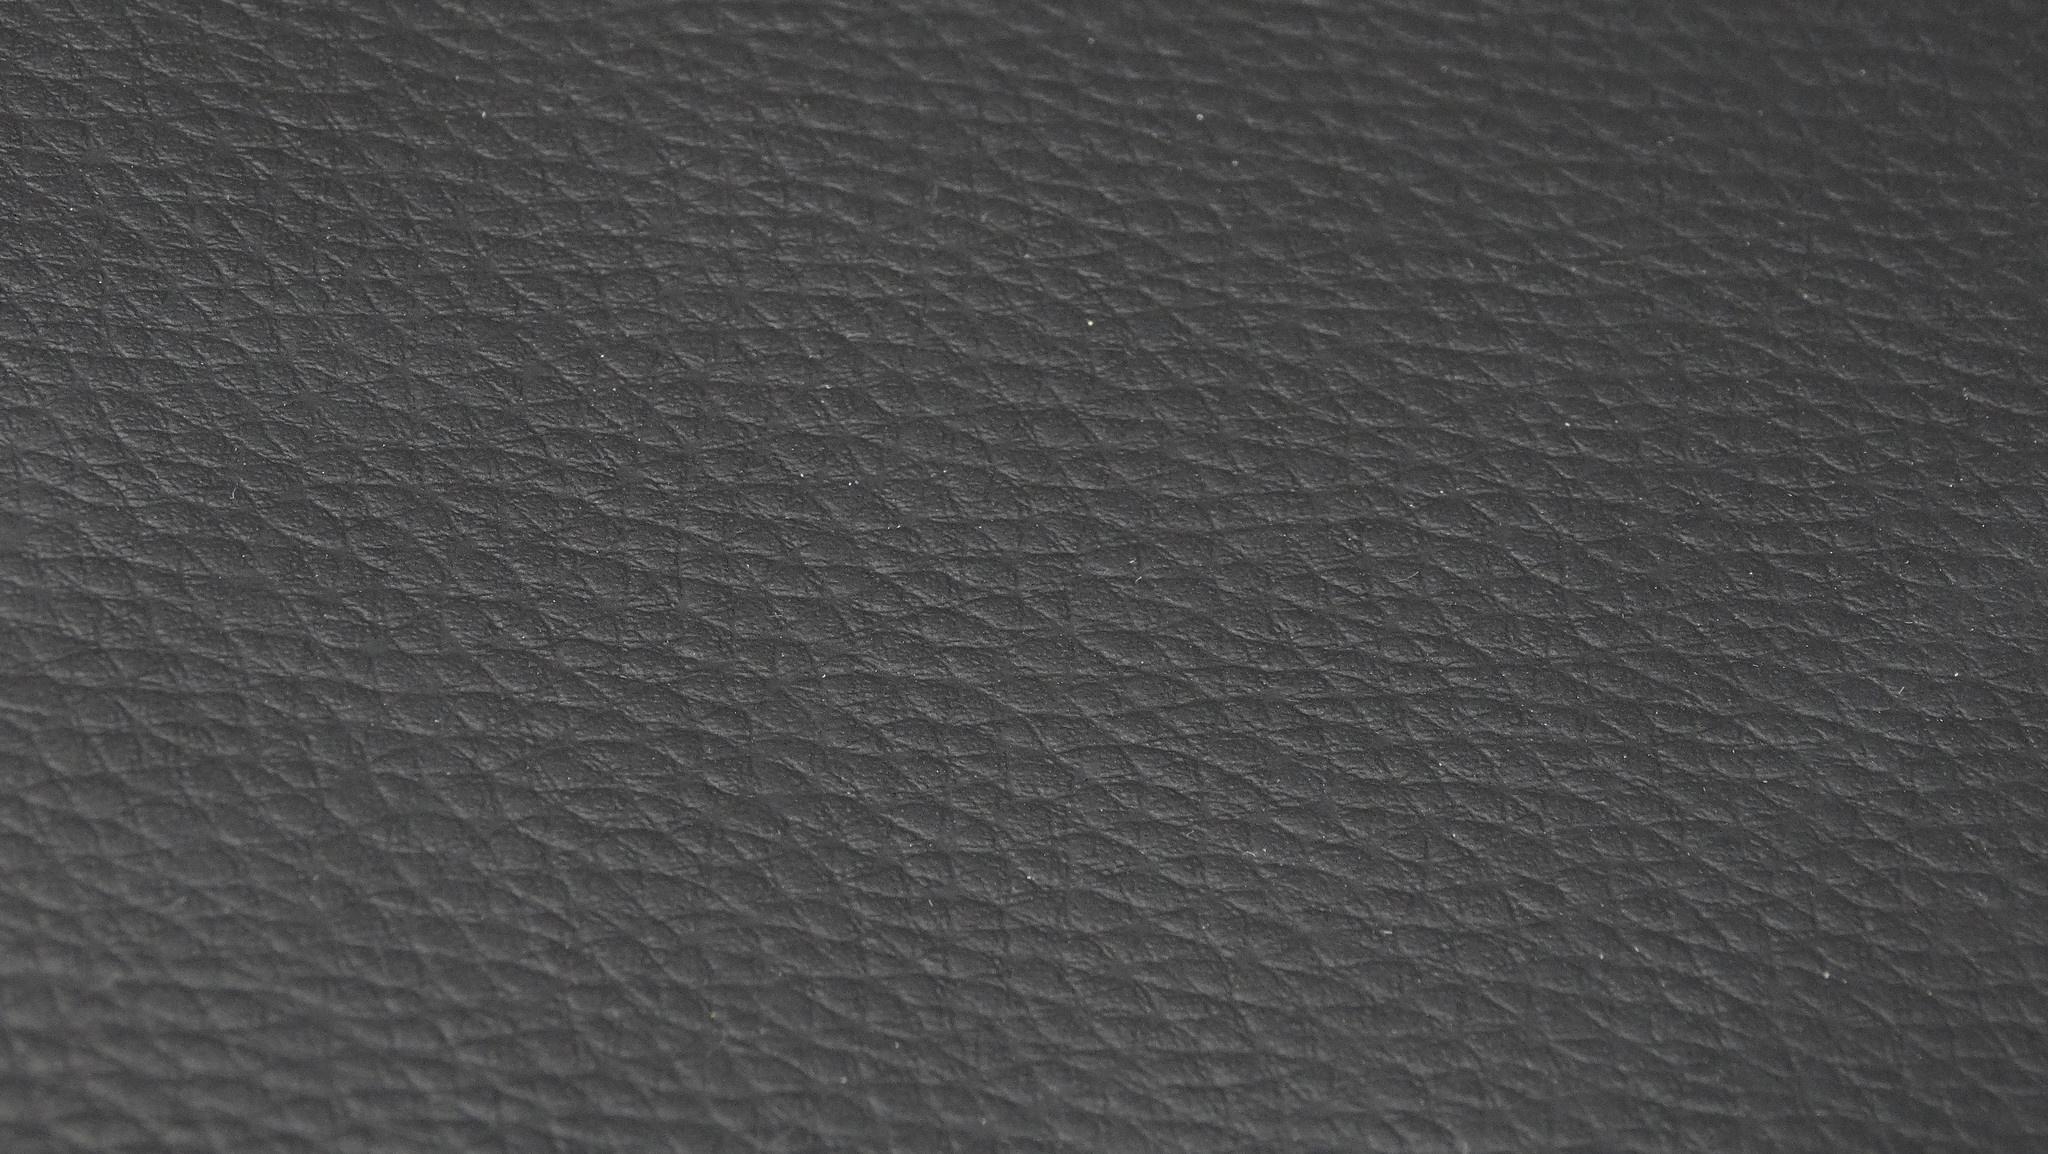 Hundos  Benchkussen maat S 72x48x6 cm.